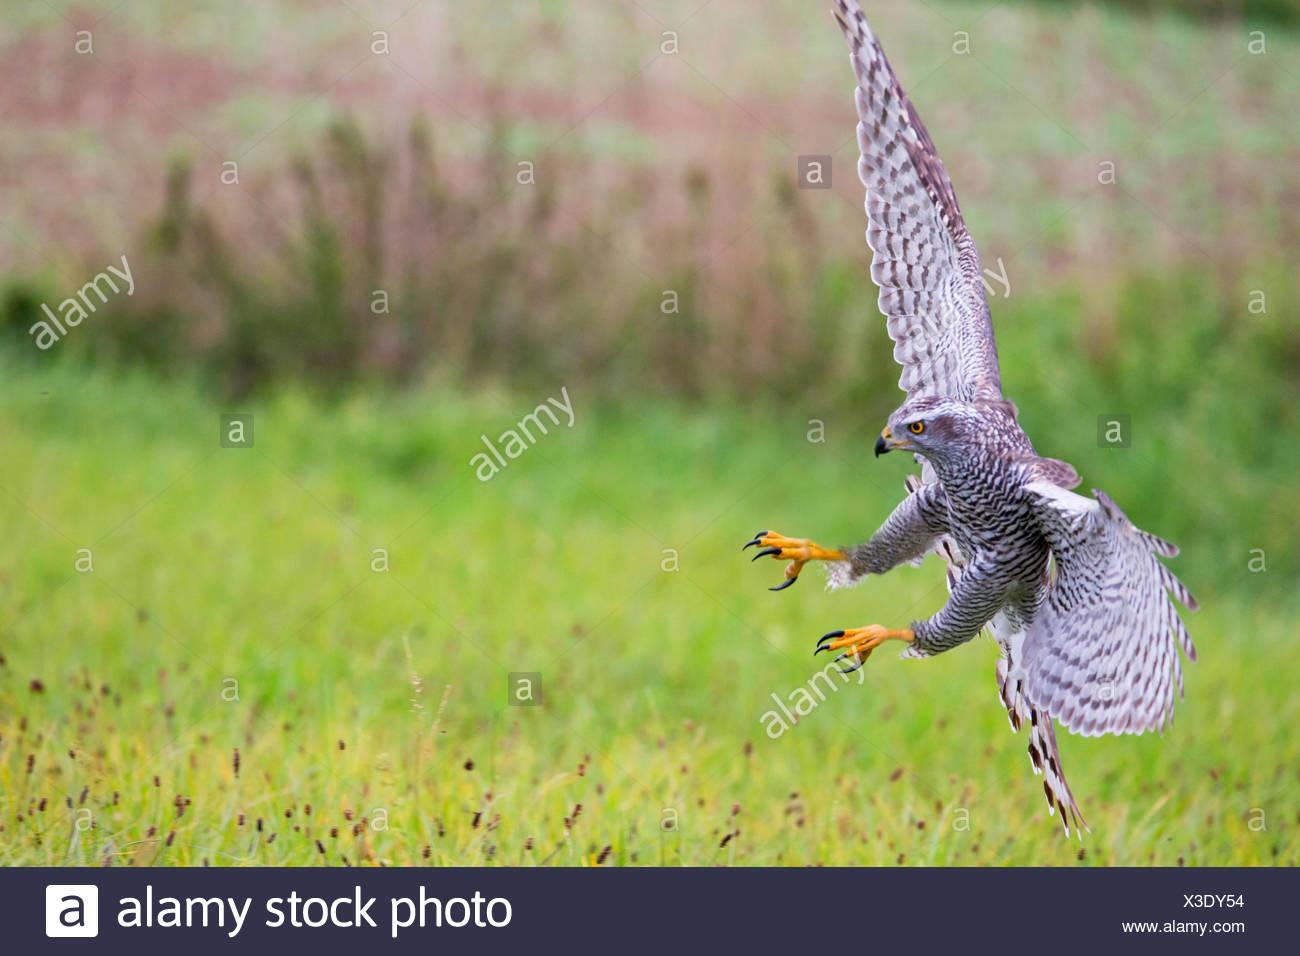 Astore (Accipiter gentilis), atterraggio su erba, in Germania, in Baviera, Niederbayern, Bassa Baviera Immagini Stock